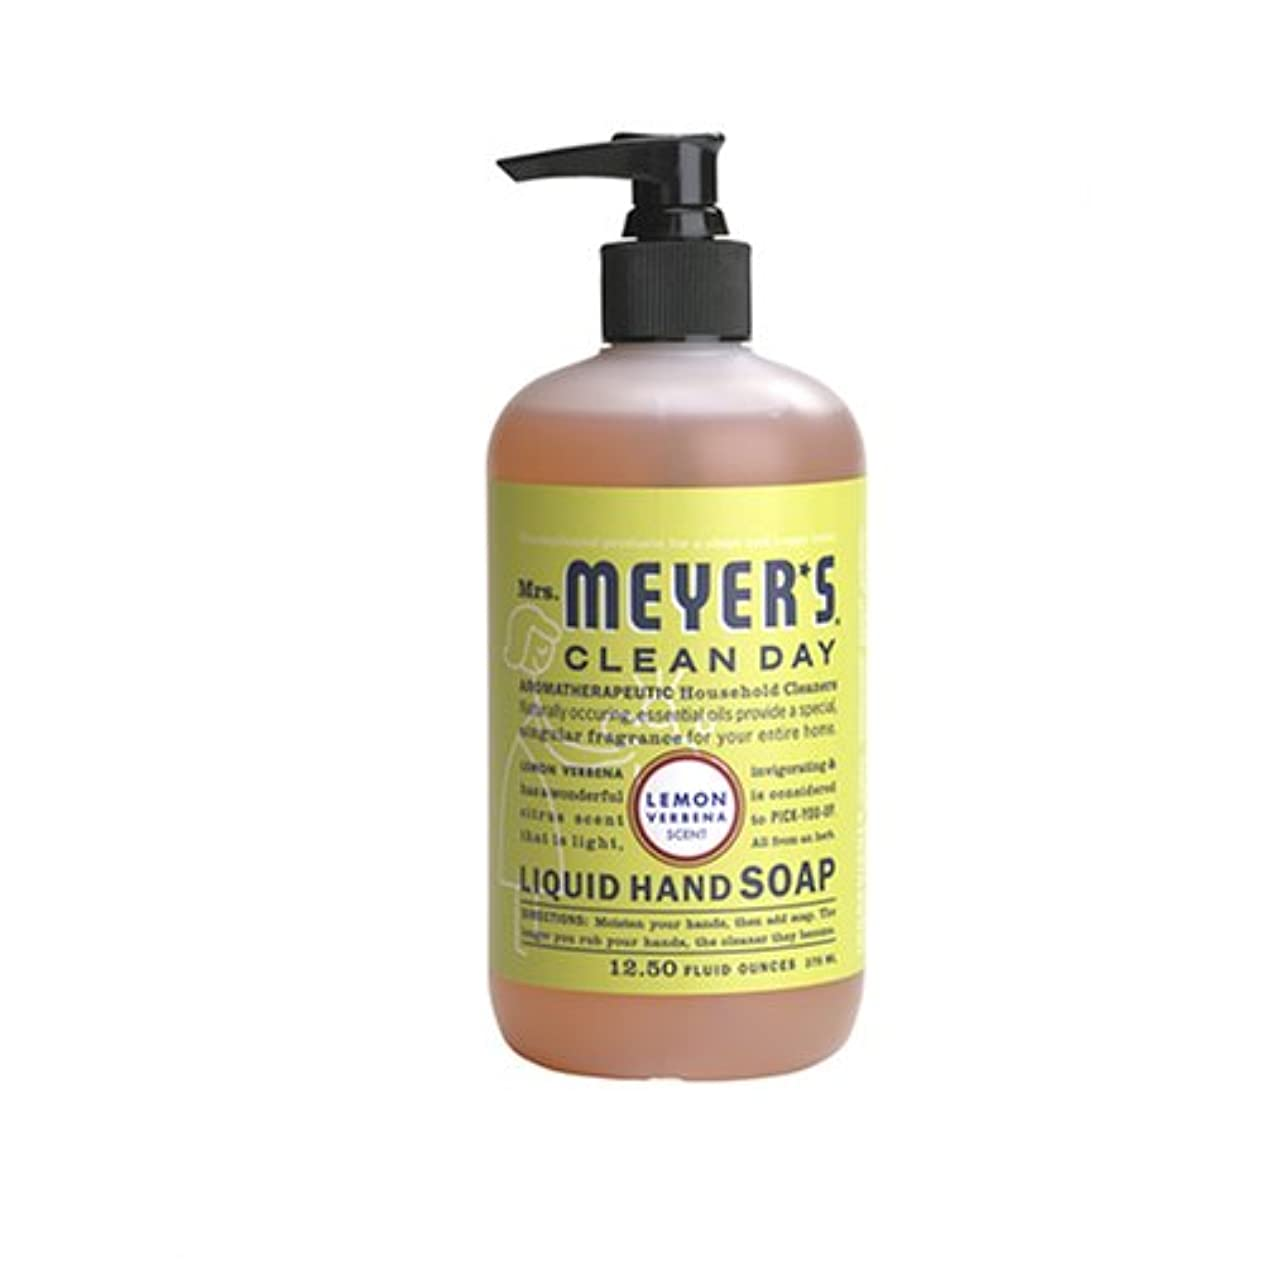 裁判官ヒップのれんMrs. Meyers Clean Day, Liquid Hand Soap, Lemon Verbena Scent, 12.5 fl oz (370 ml)